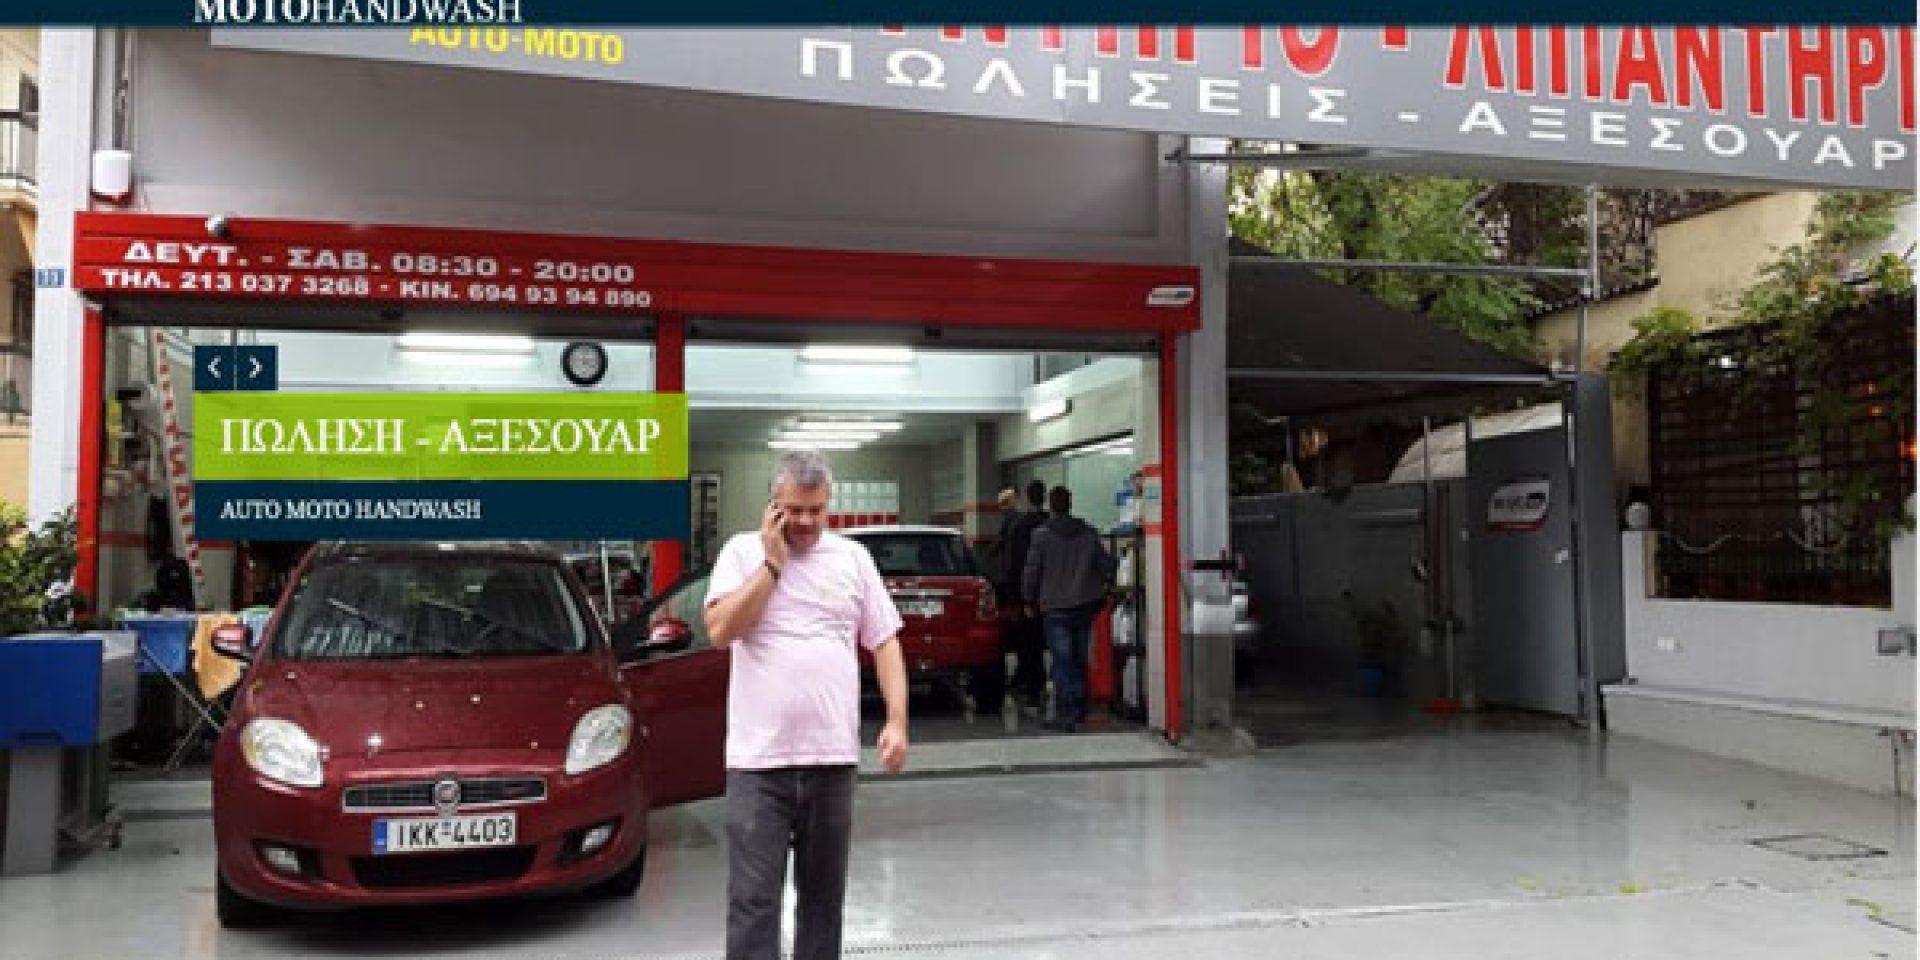 Πλυντήριο Λιπαντήριο Αυτοκινήτων Auto Moto Wash